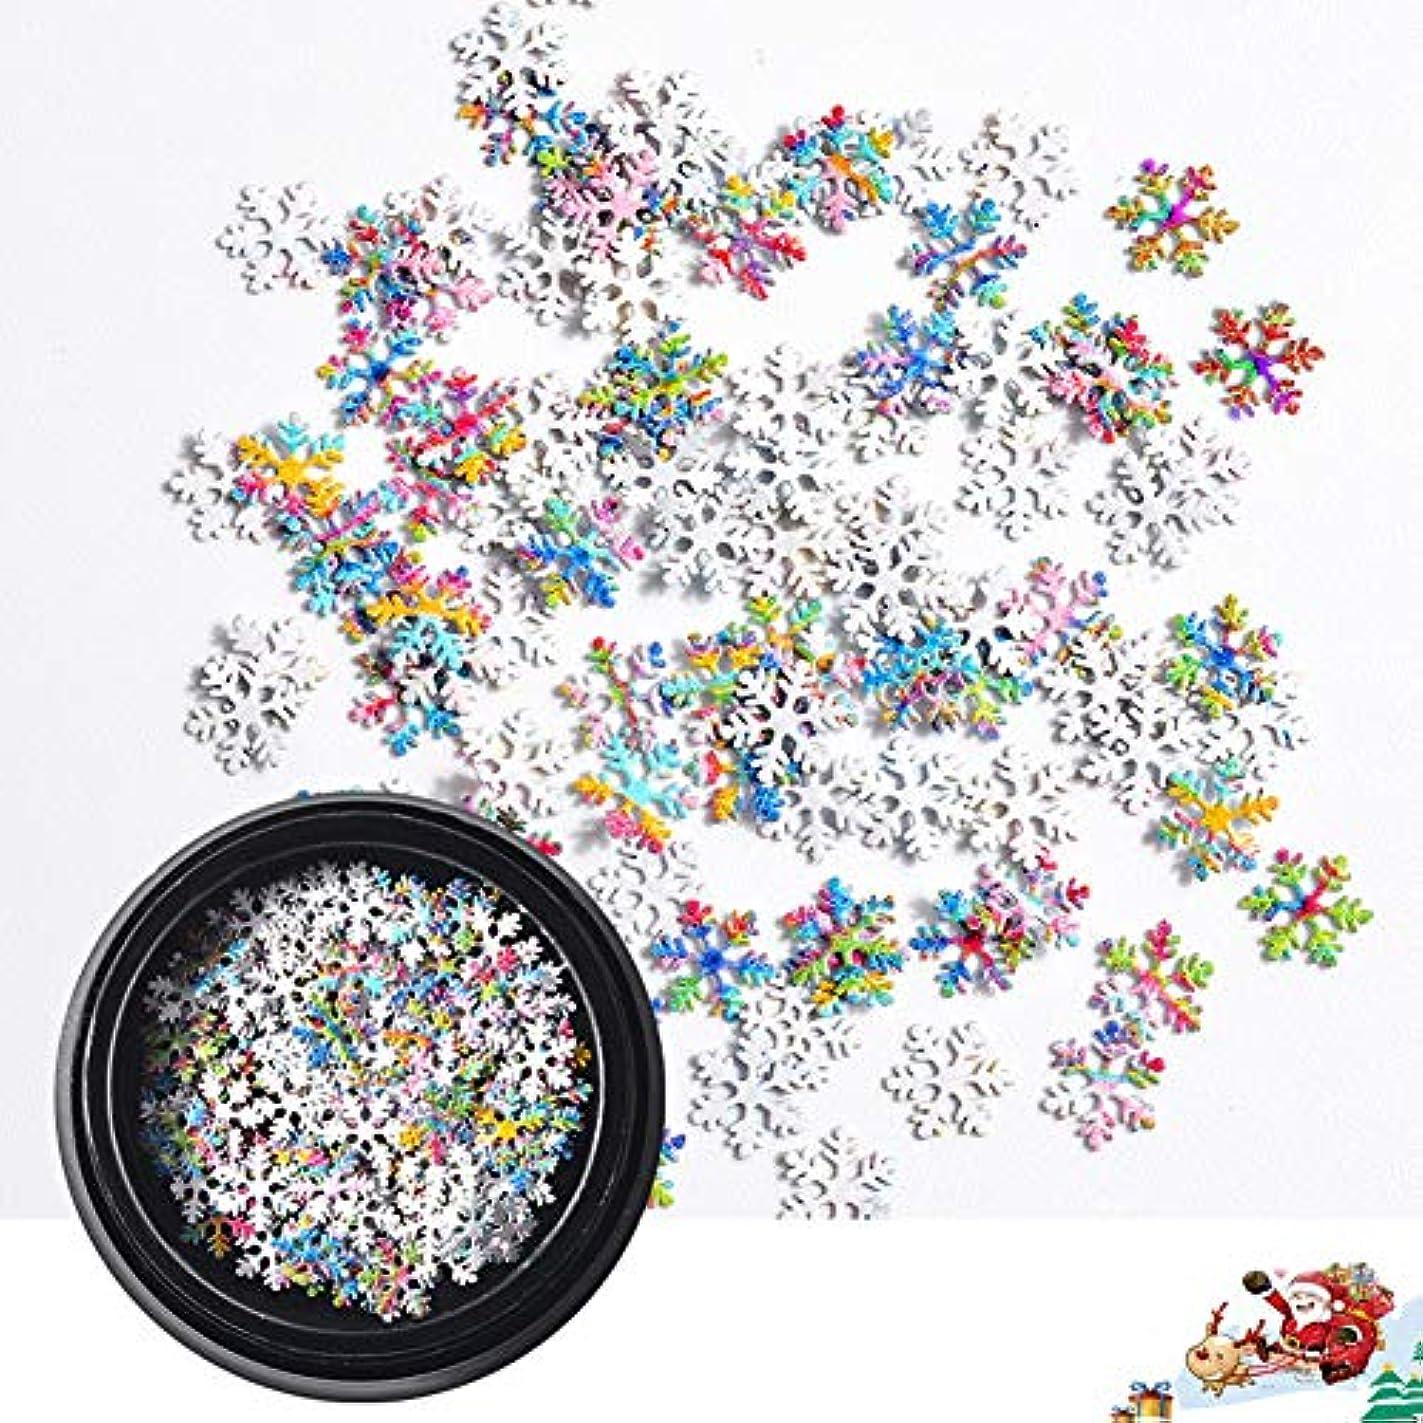 クラフト心配執着Murakush ネイルシール 15g ネイルアート アクセサリー カラフル スノーフレーク 極薄 スパンコール クリスマスス ノーフレークシリーズ DIY デカール